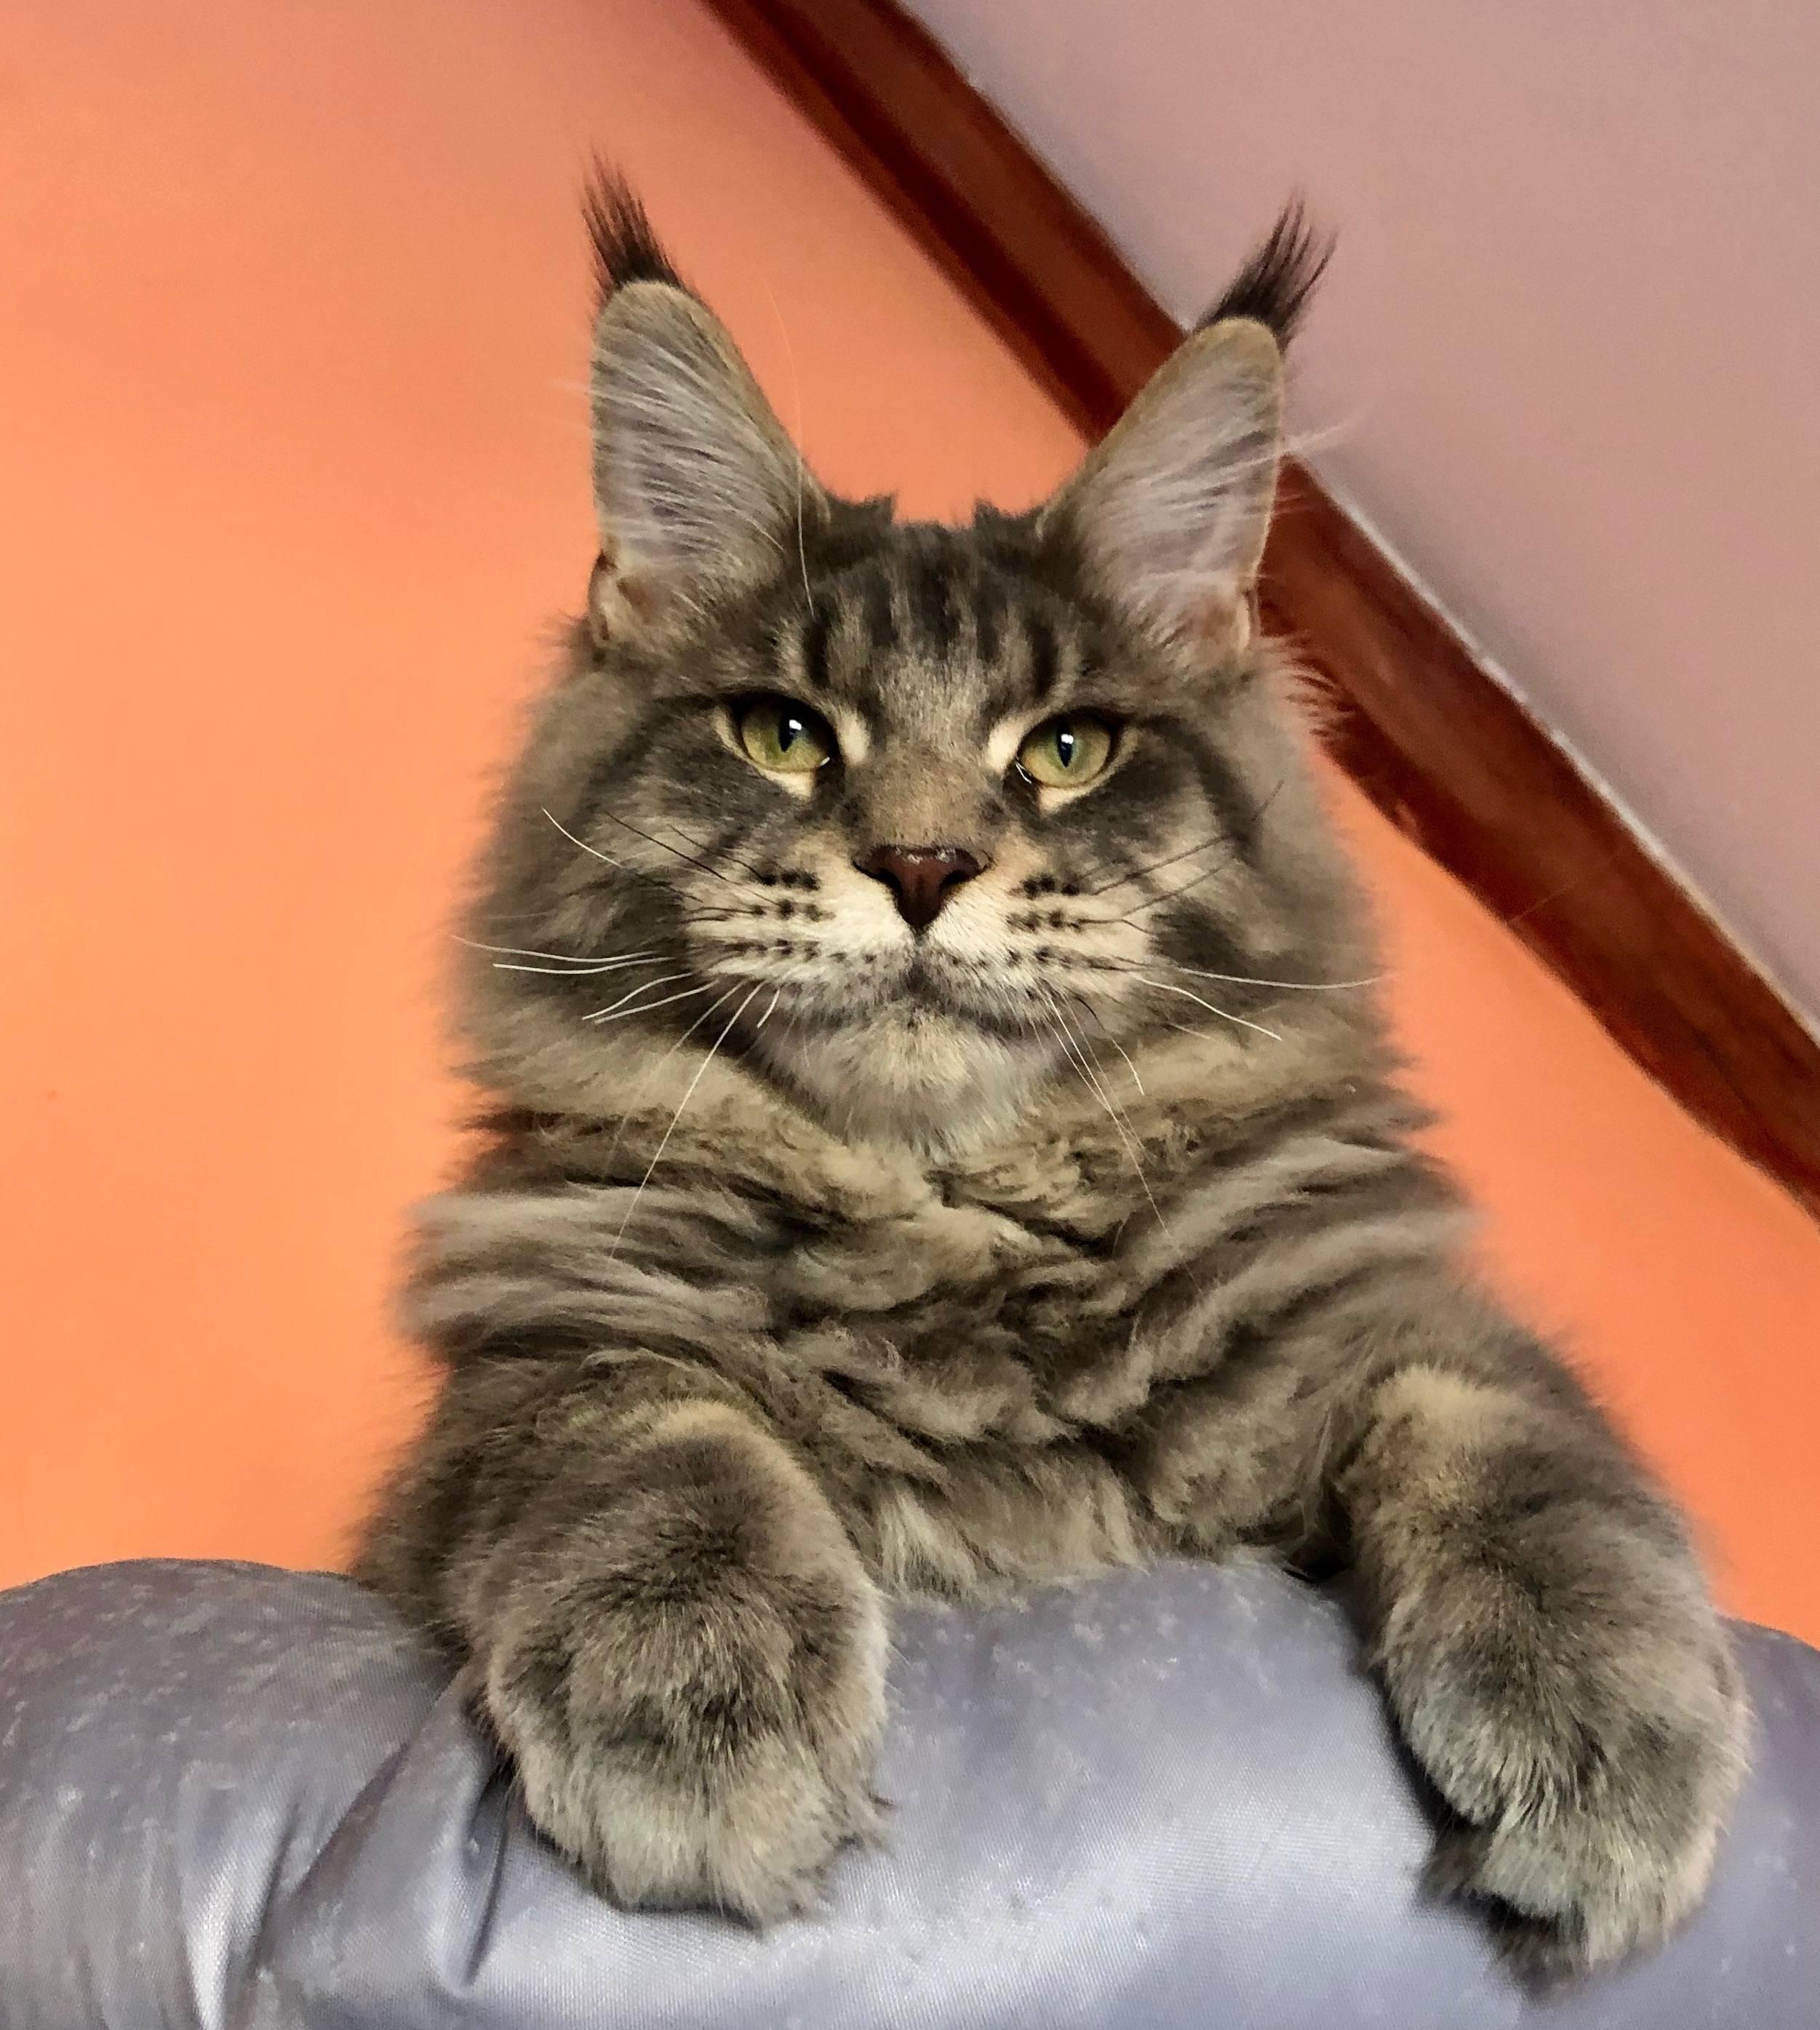 Сколько стоит котенок мейн куна: фото, цена в России